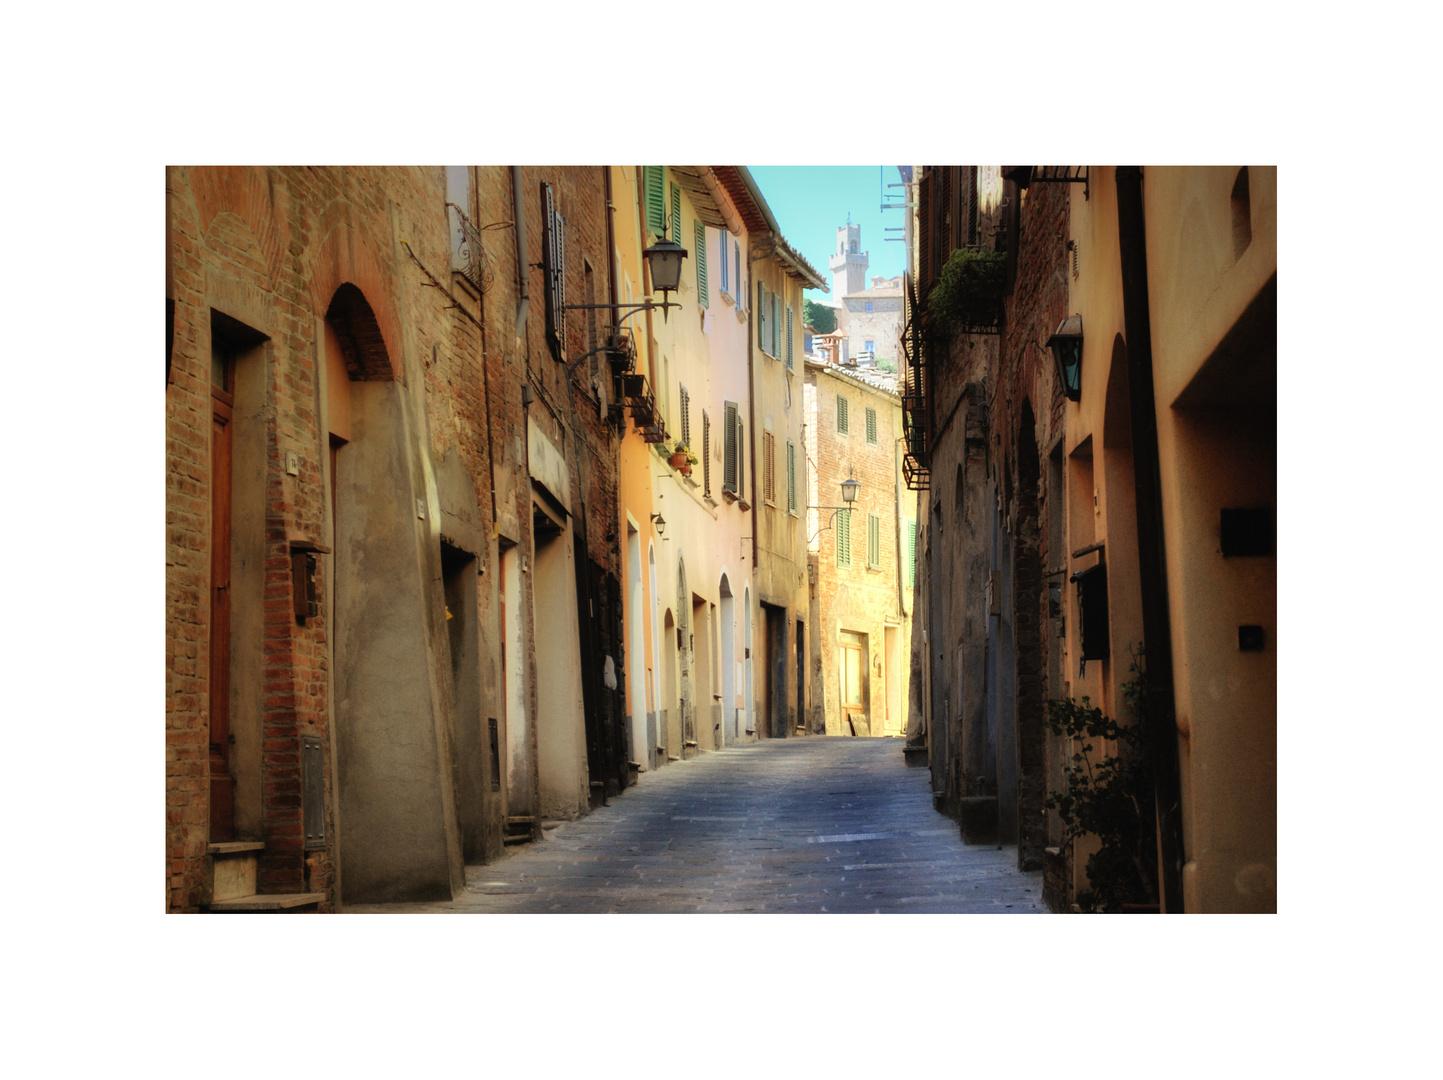 ... Sommer in der Toskana (4) ...